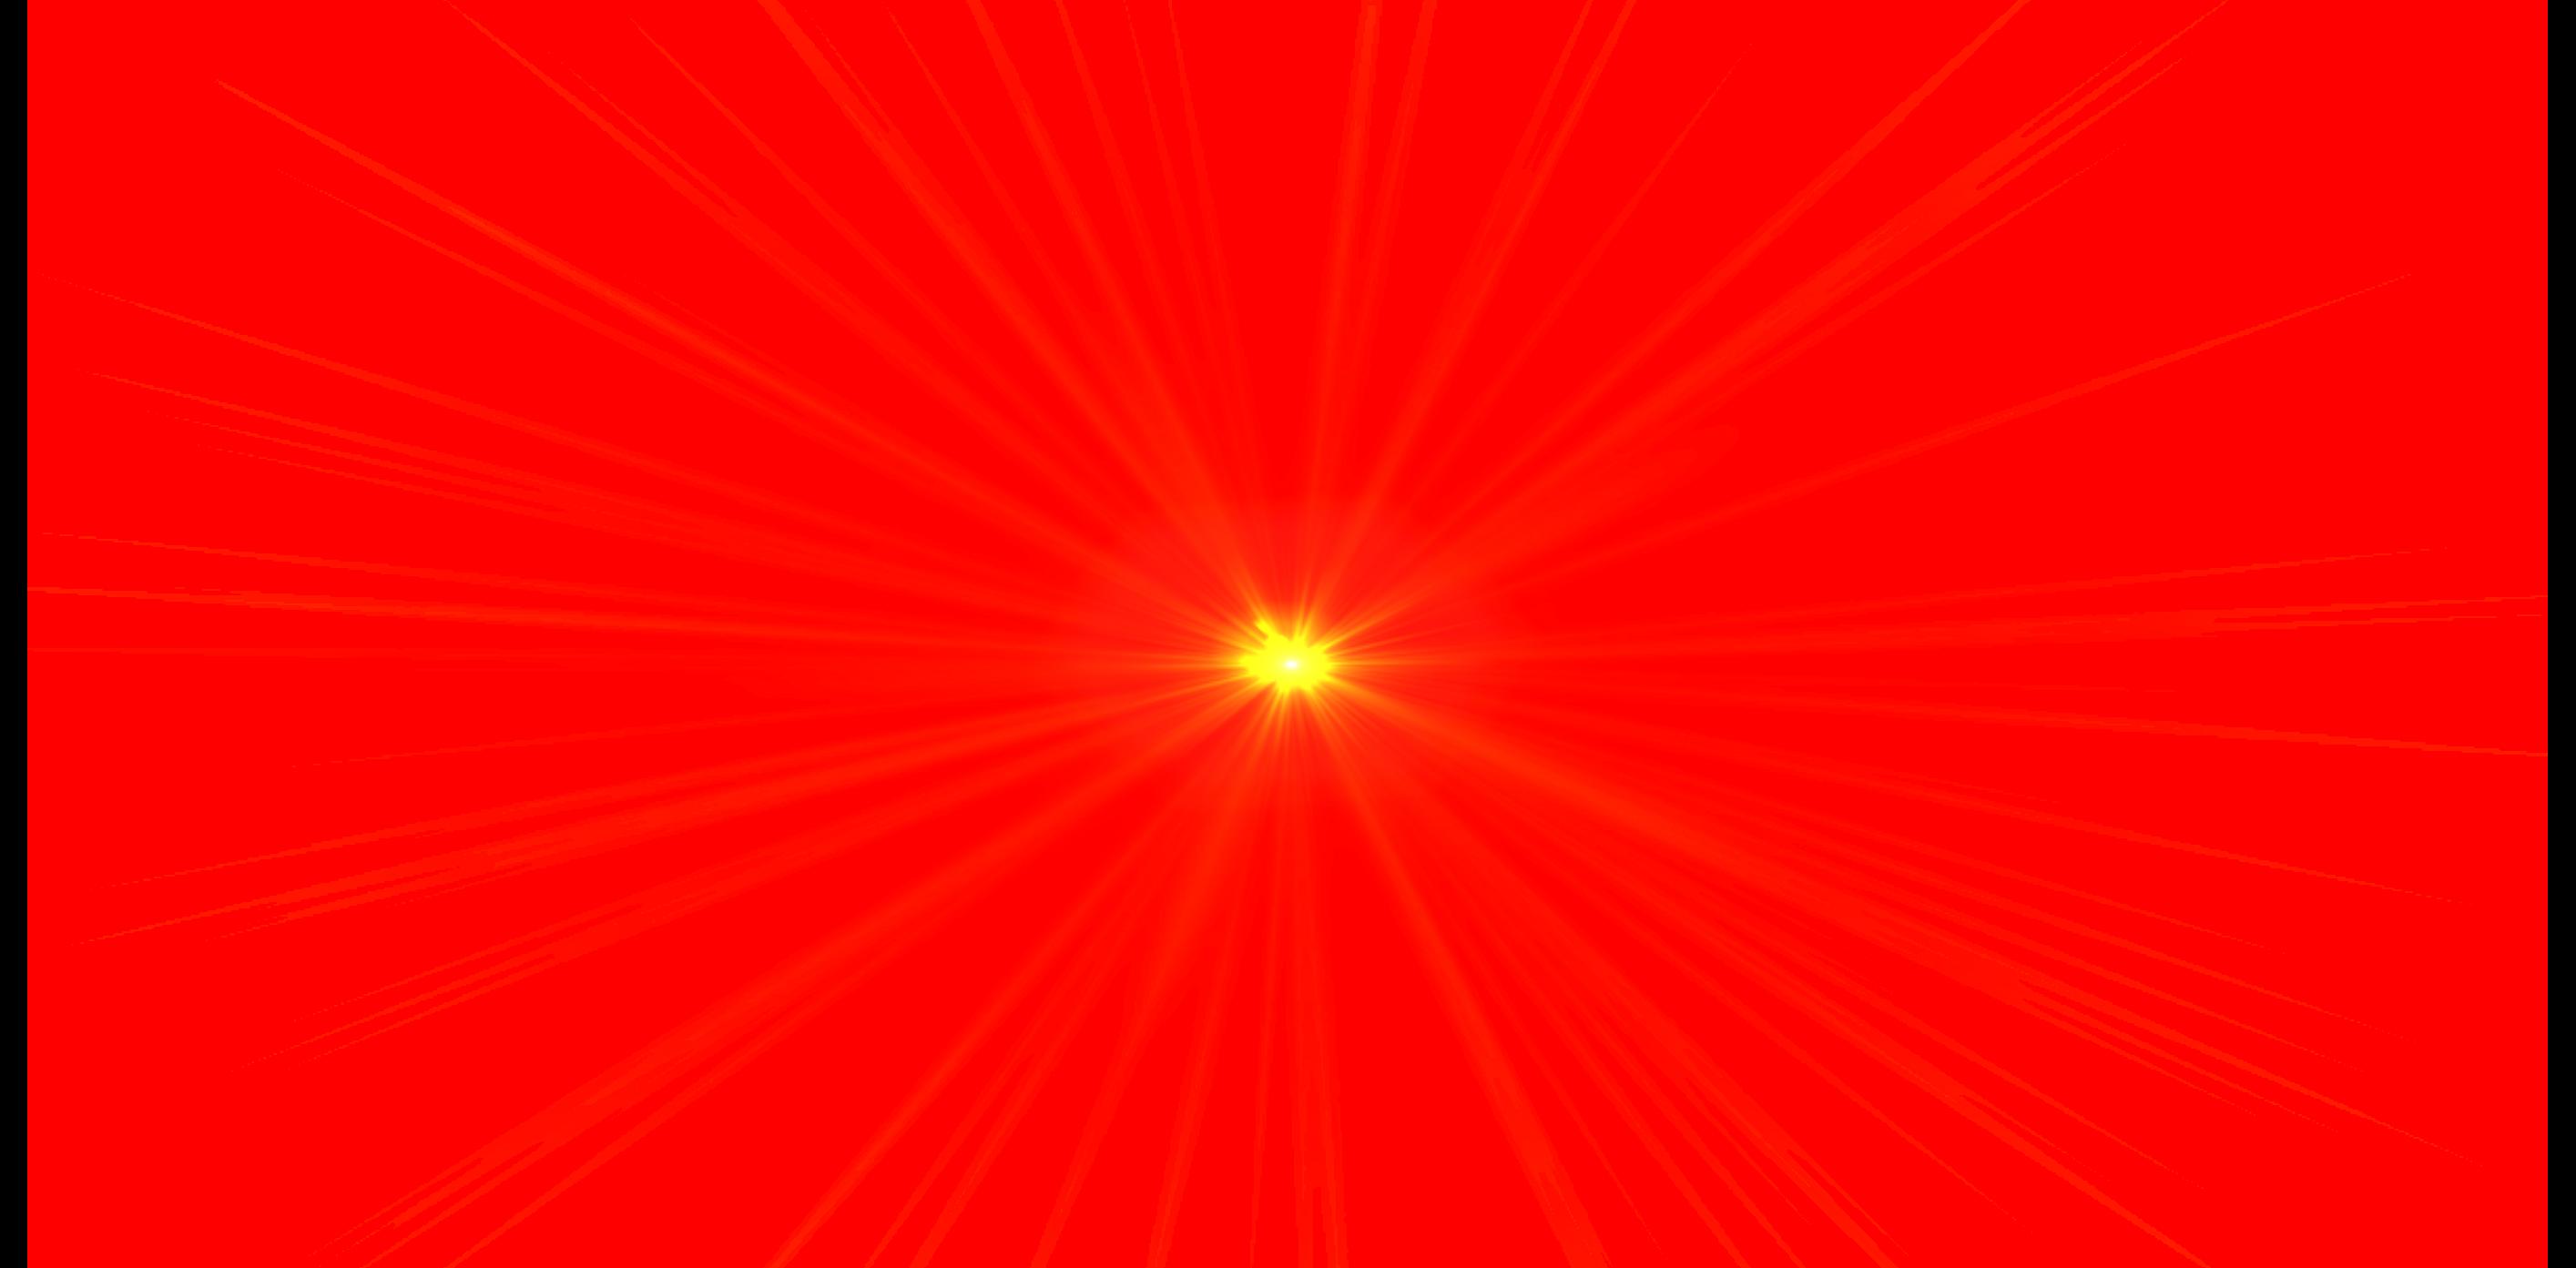 Memes Omaewamoushindeiru Freetoedit Eyes Remixit Eyes Meme Light Flare Lense Flare